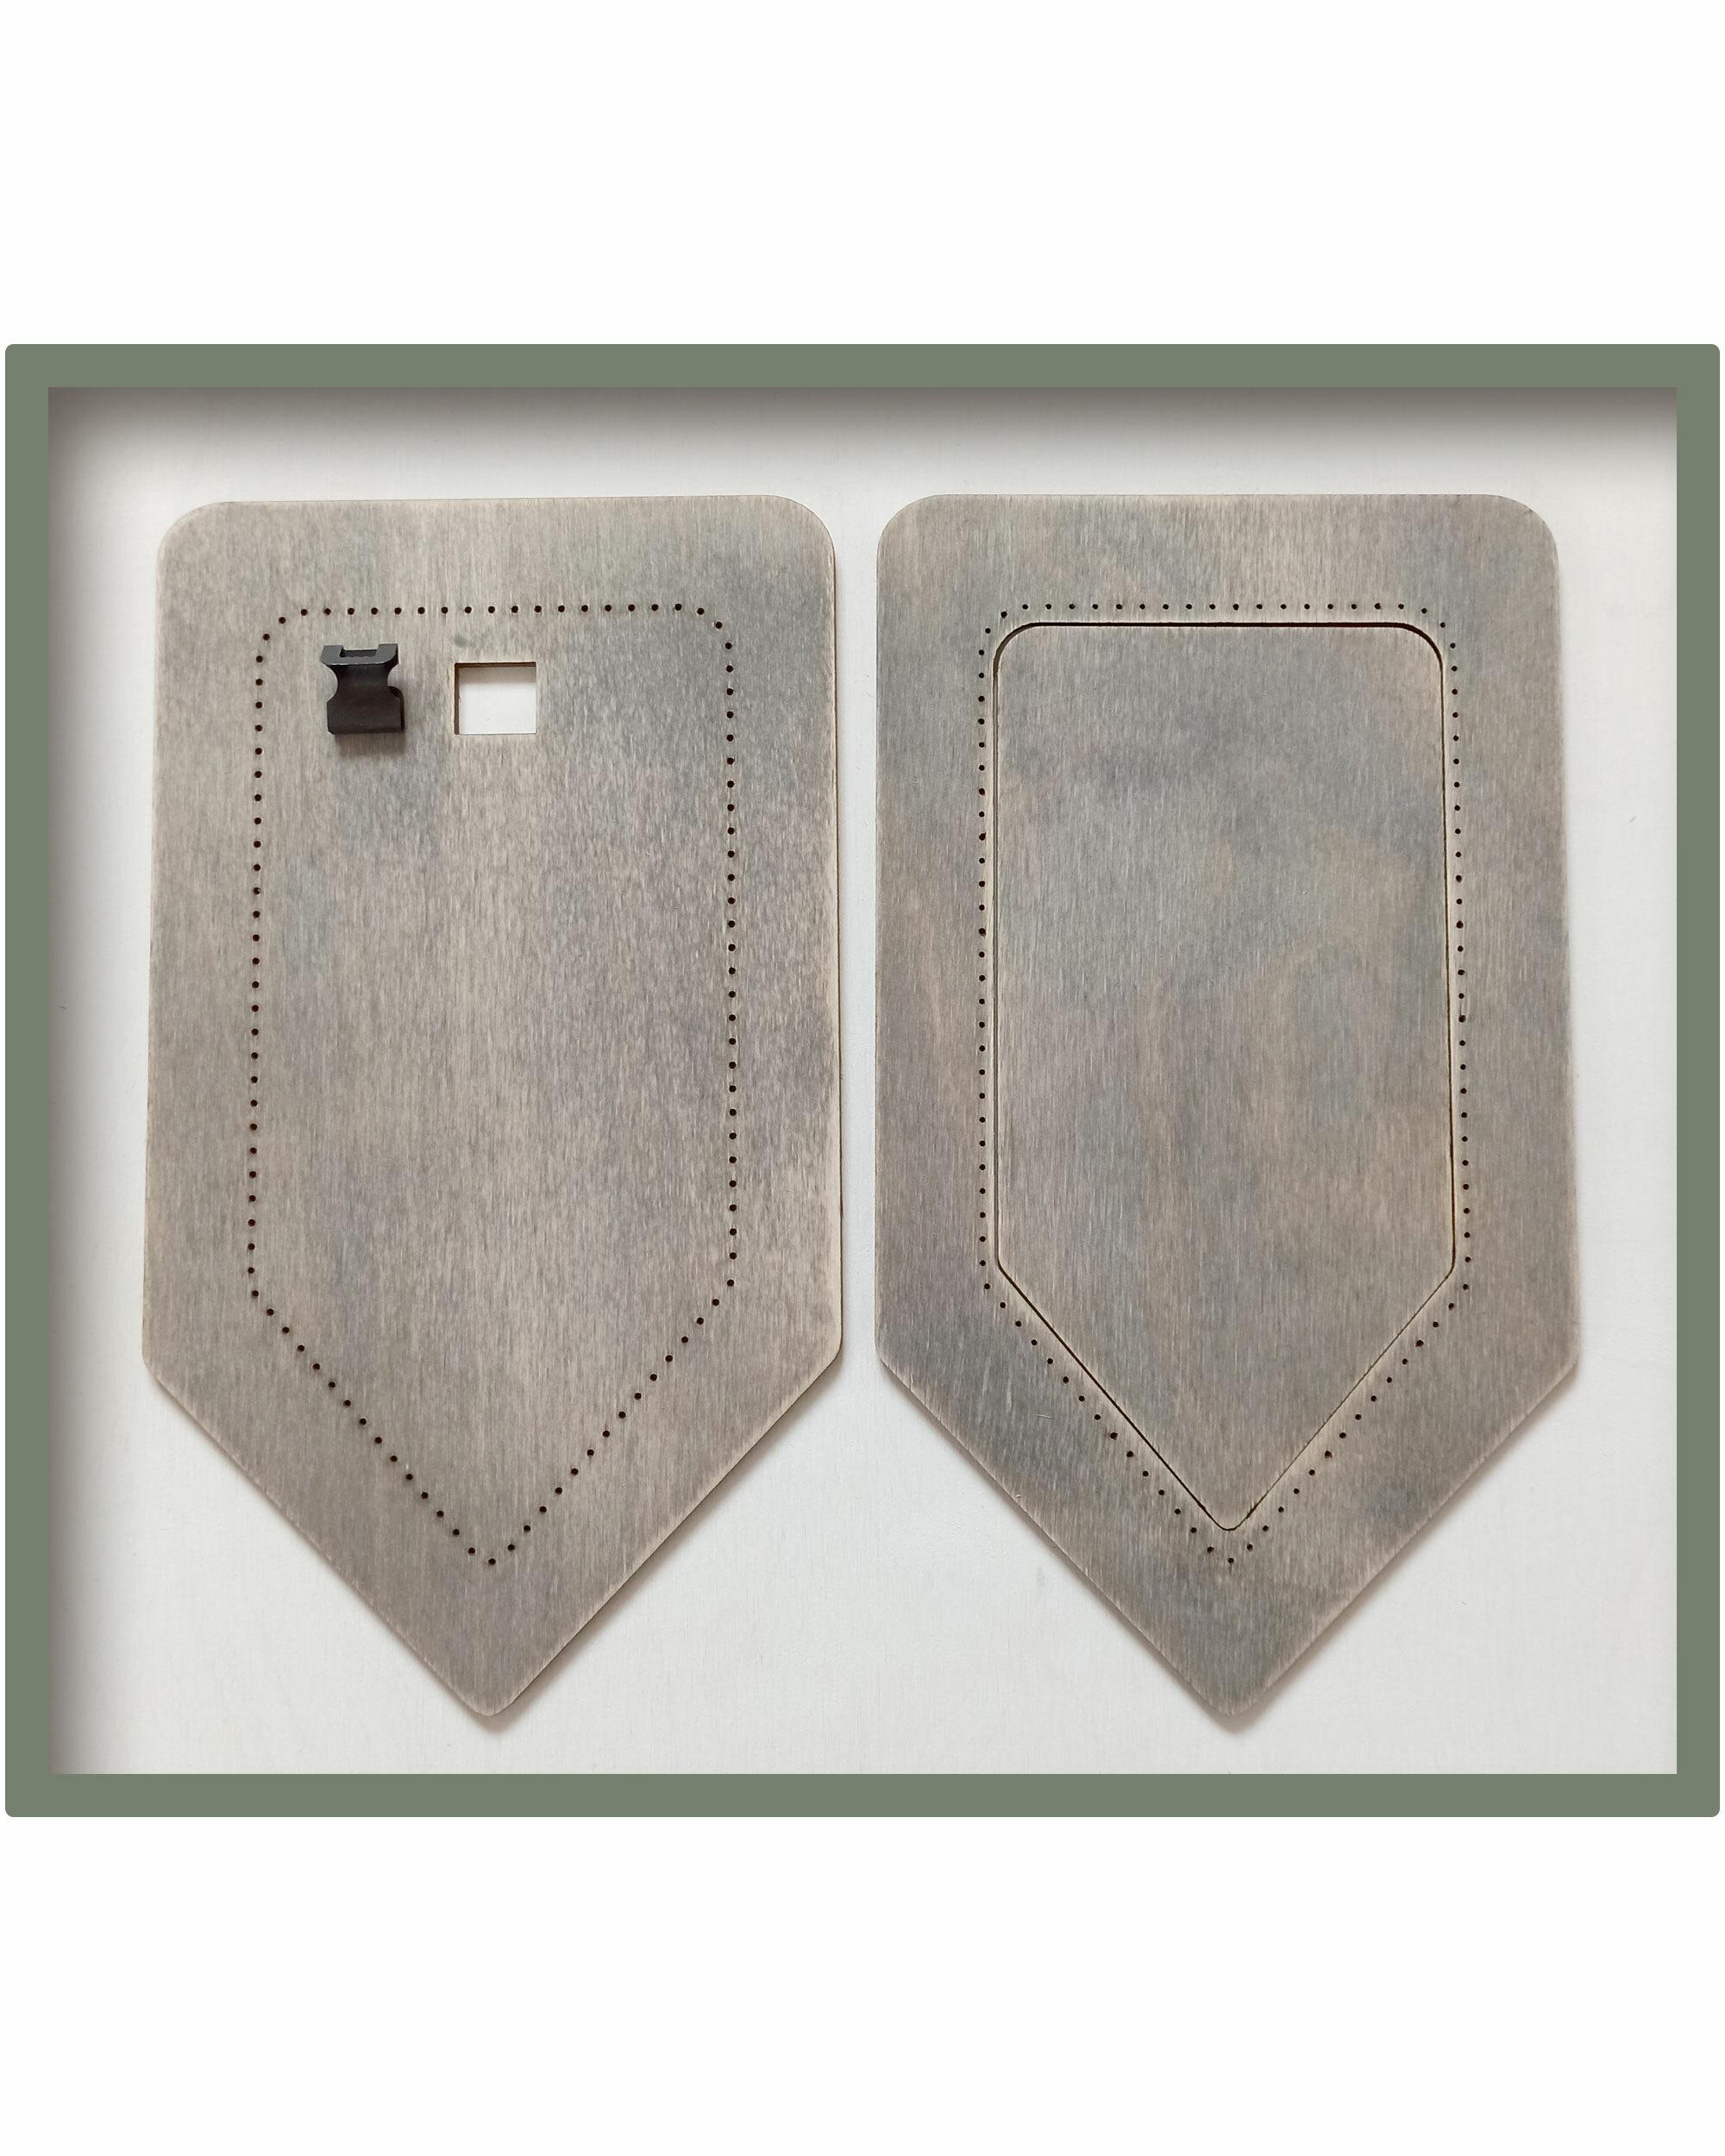 Рамка для вышивки Флажок (цвет Туман)